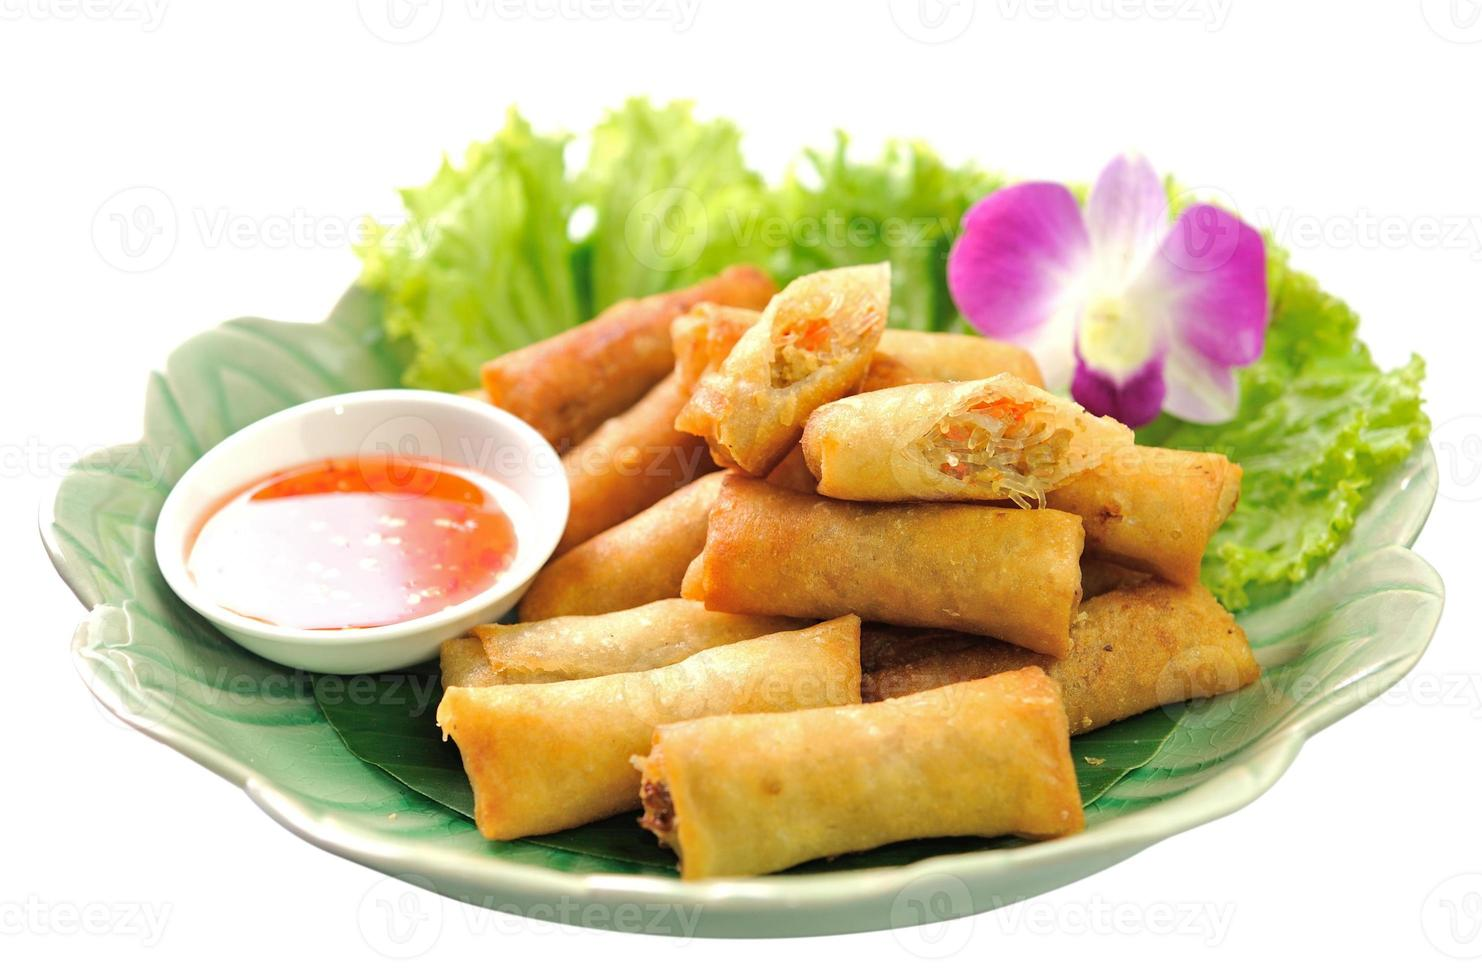 stekt kinesisk traditionell vårrullmat foto